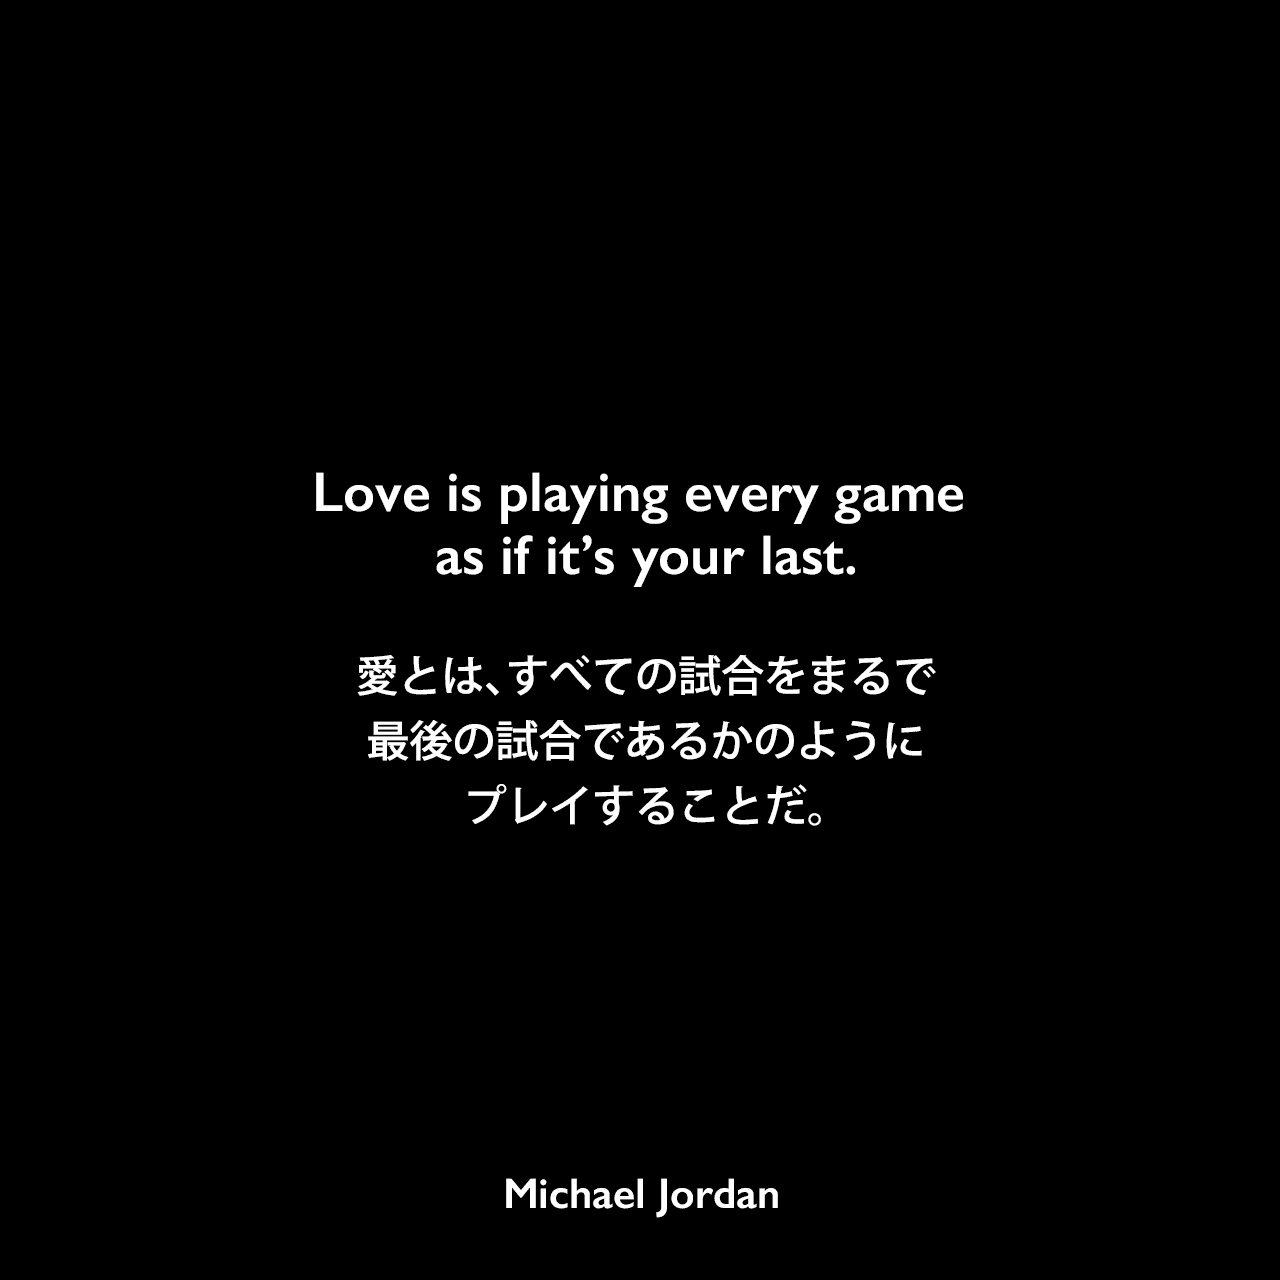 Love is playing every game as if it's your last.愛とは、すべての試合をまるで最後の試合であるかのようにプレイすることだ。Michael Jordan